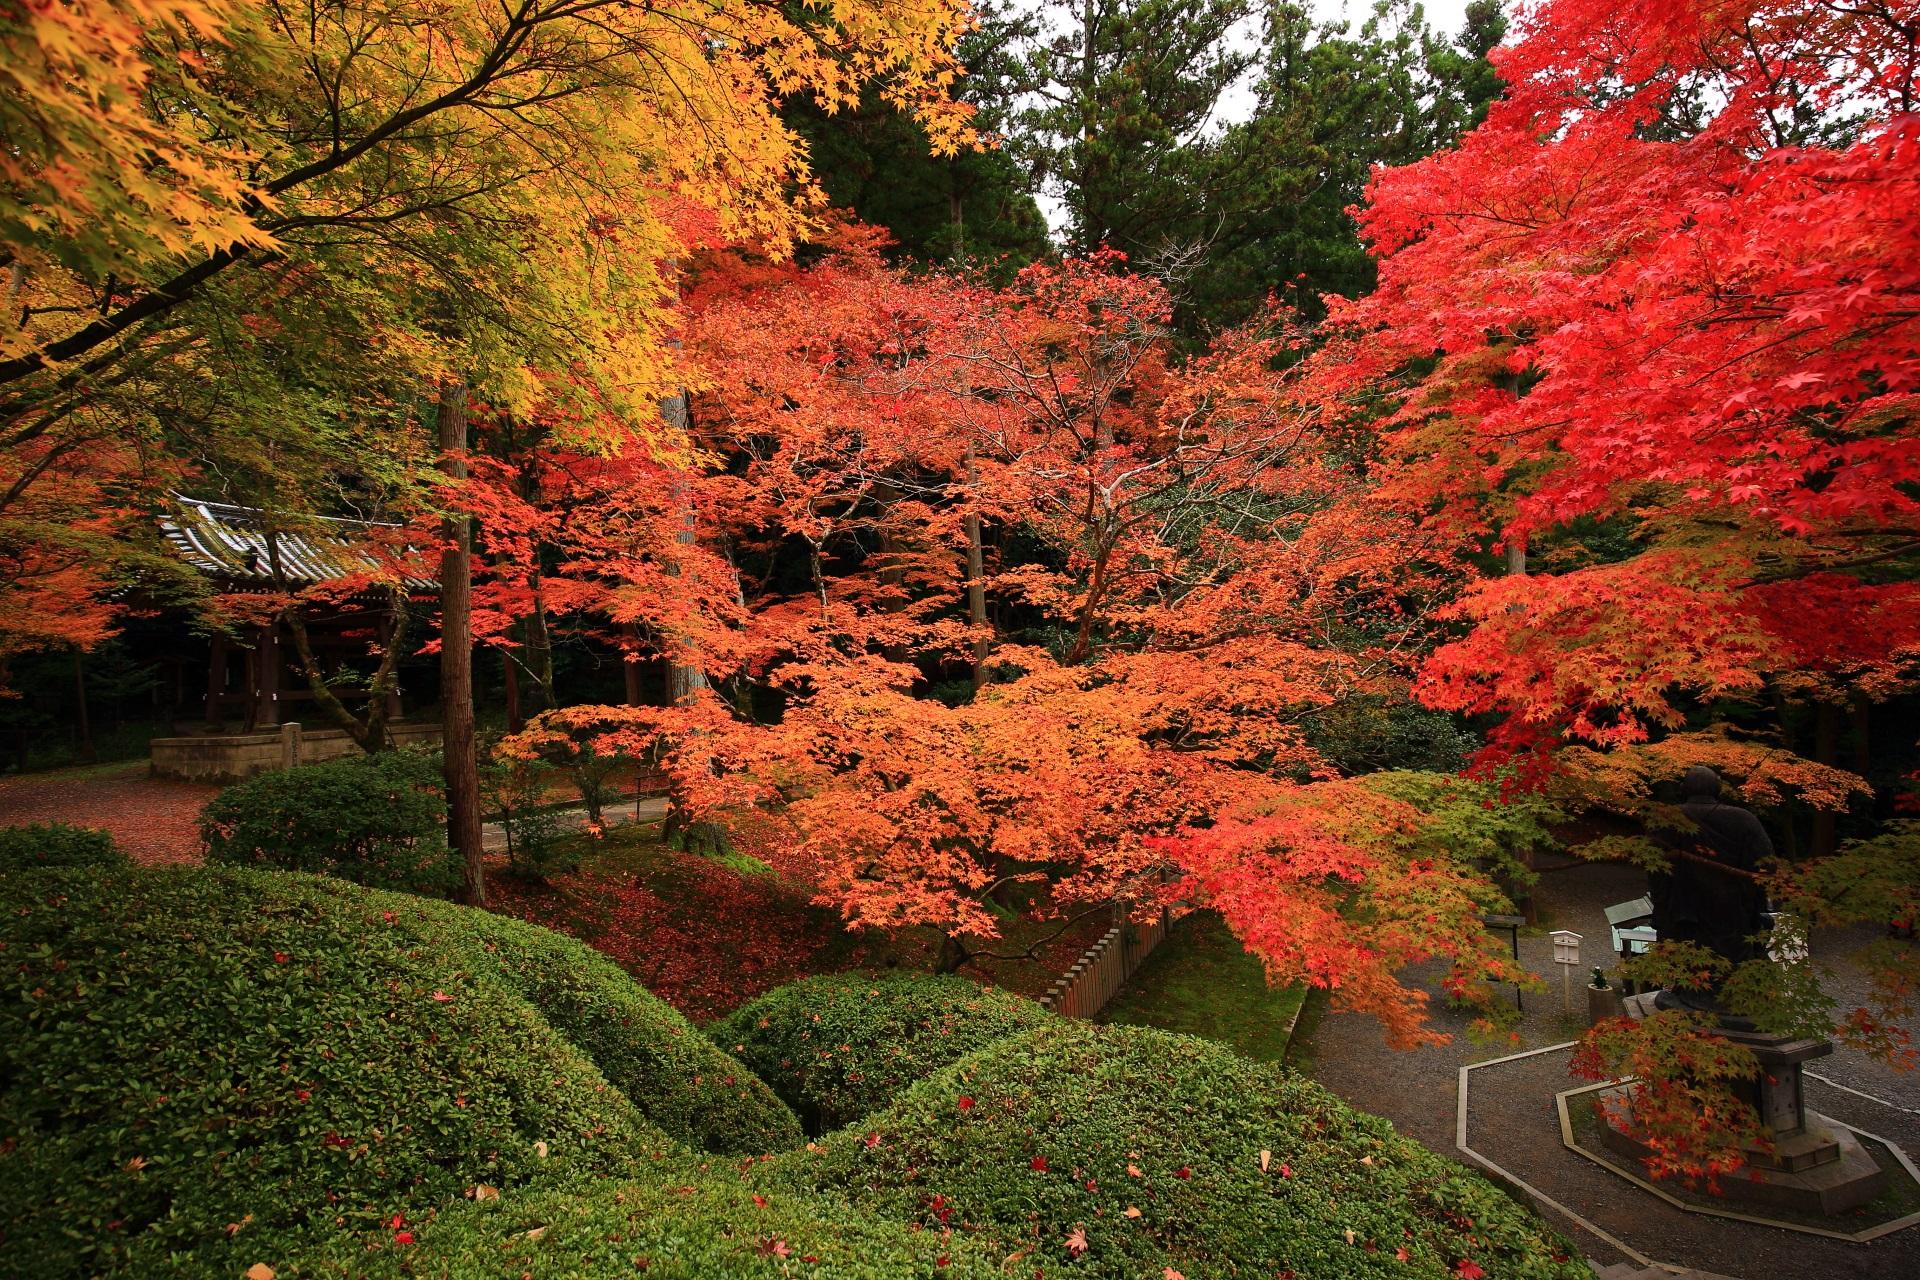 今熊野観音寺の圧巻の秋色の世界